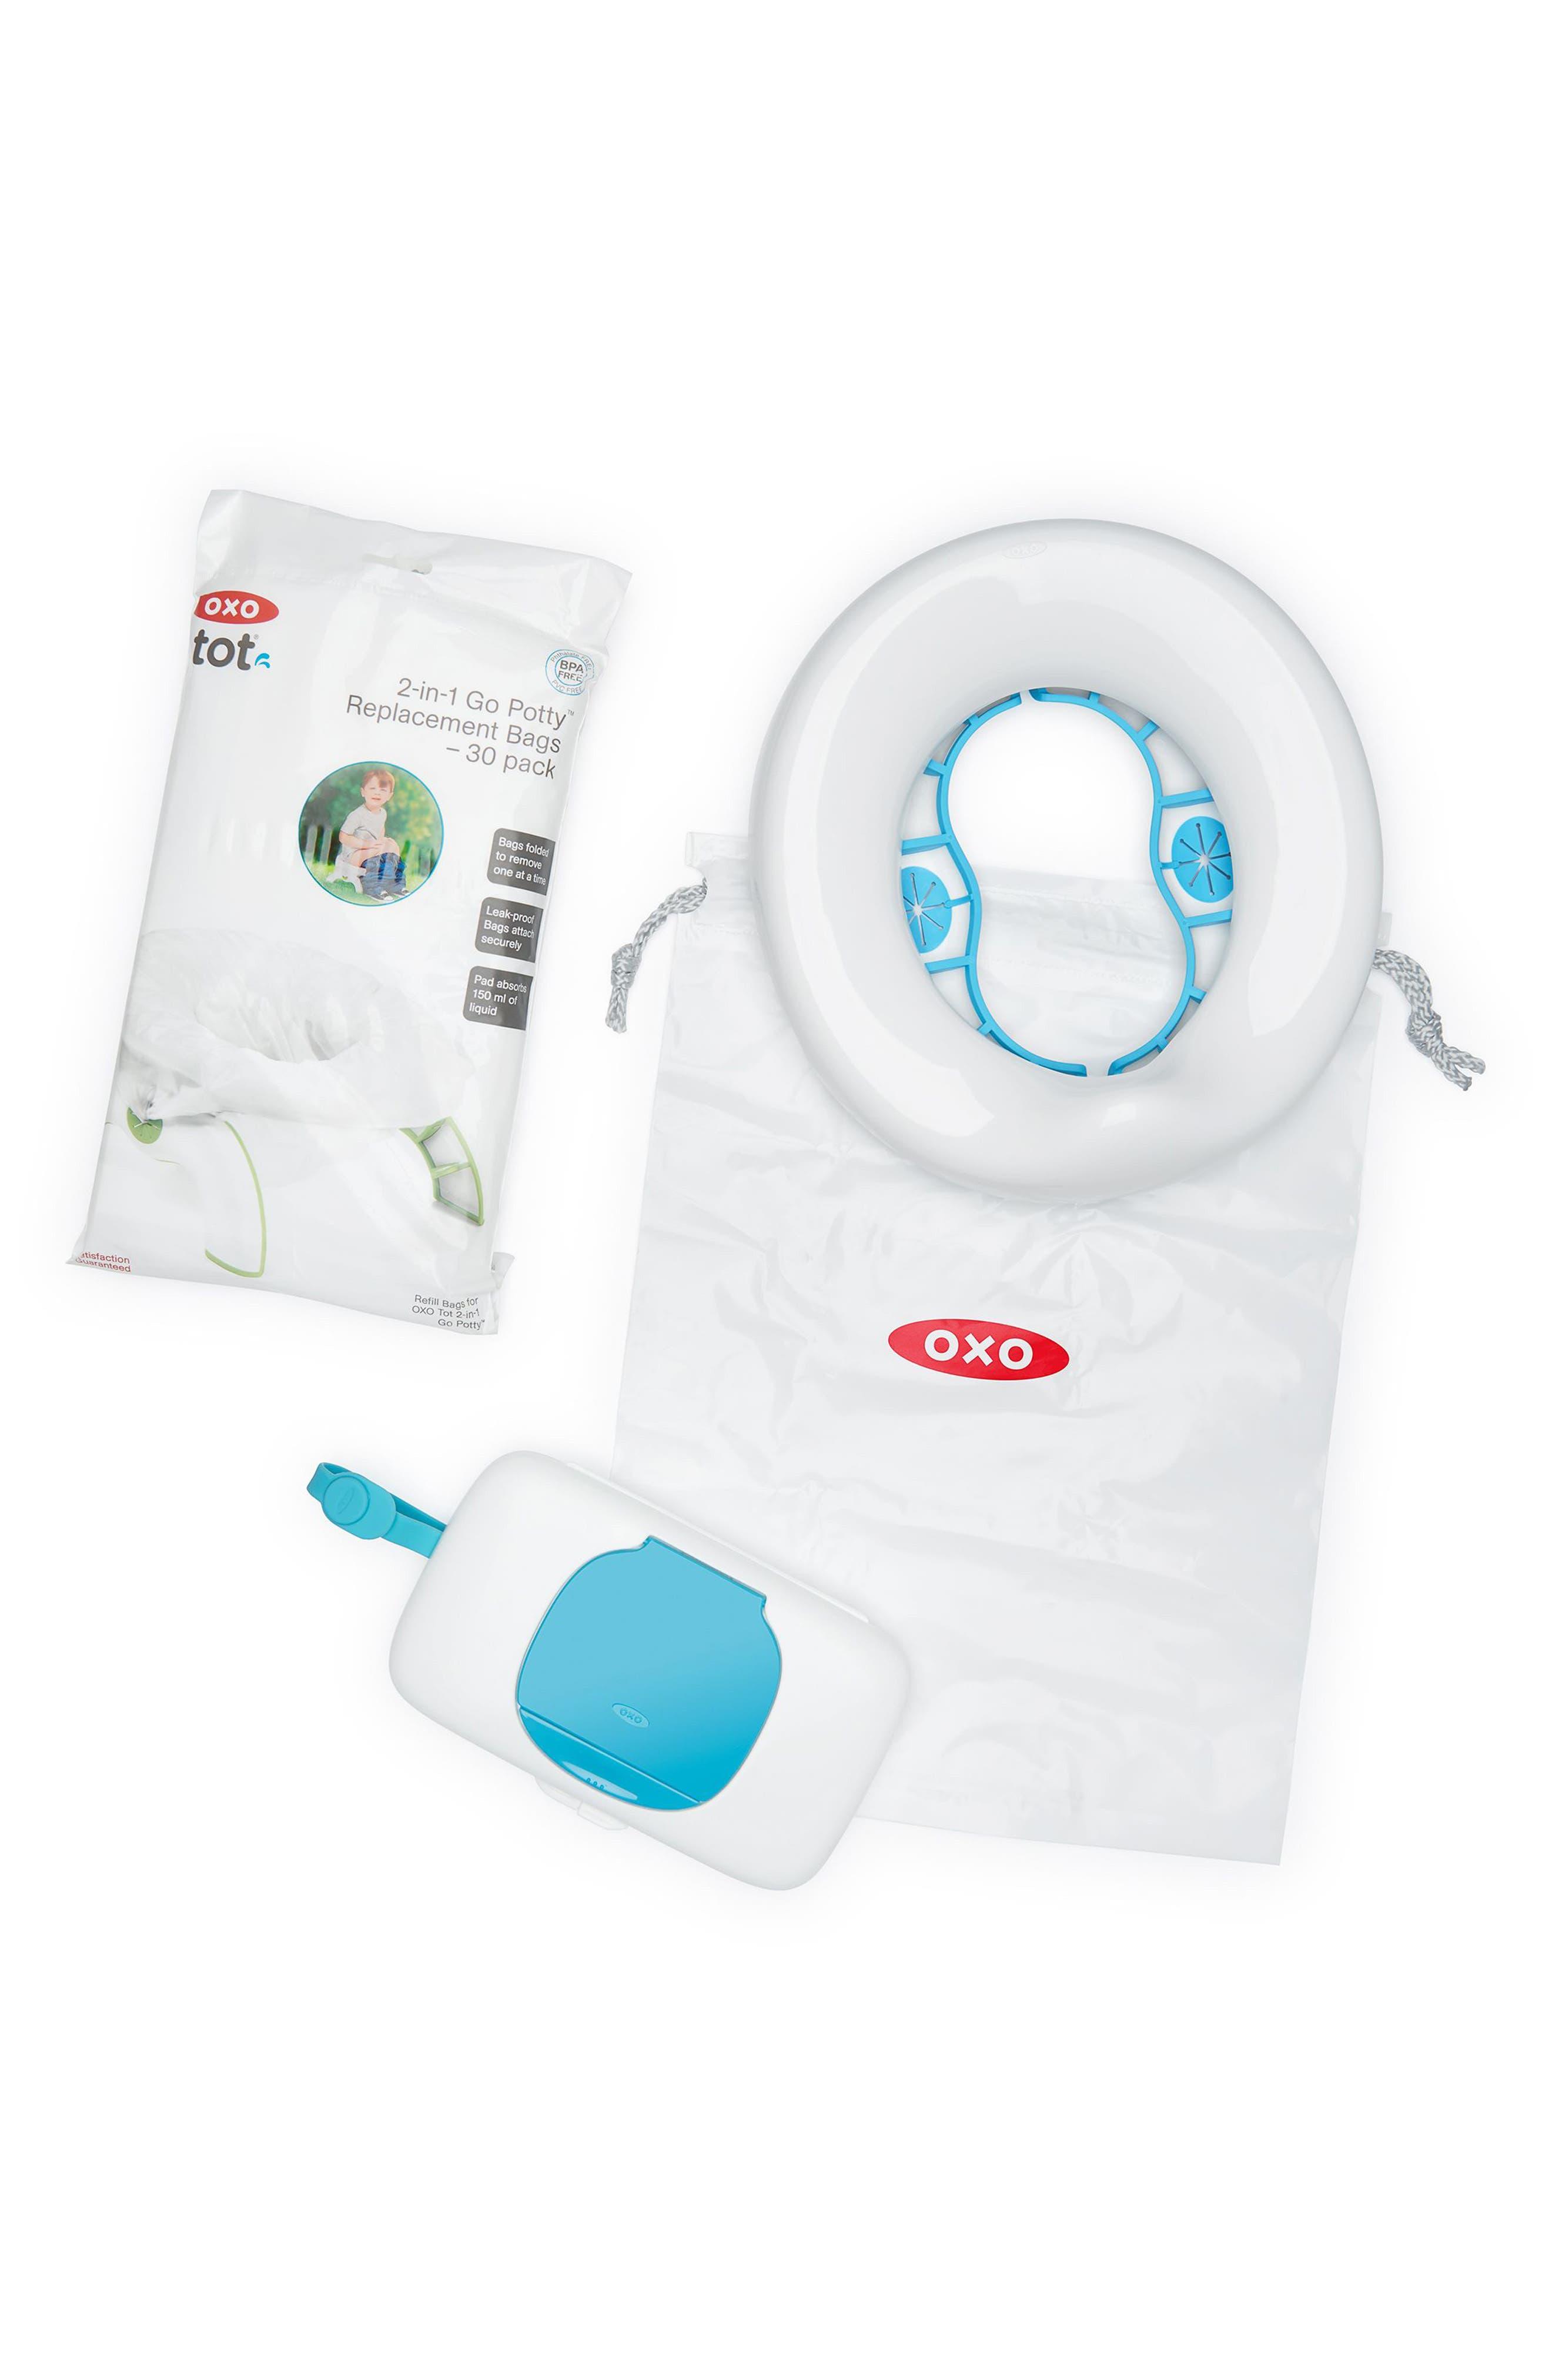 2-in-1 Go Potty Portable Toilet Set & Travel Bag,                         Main,                         color, AQUA